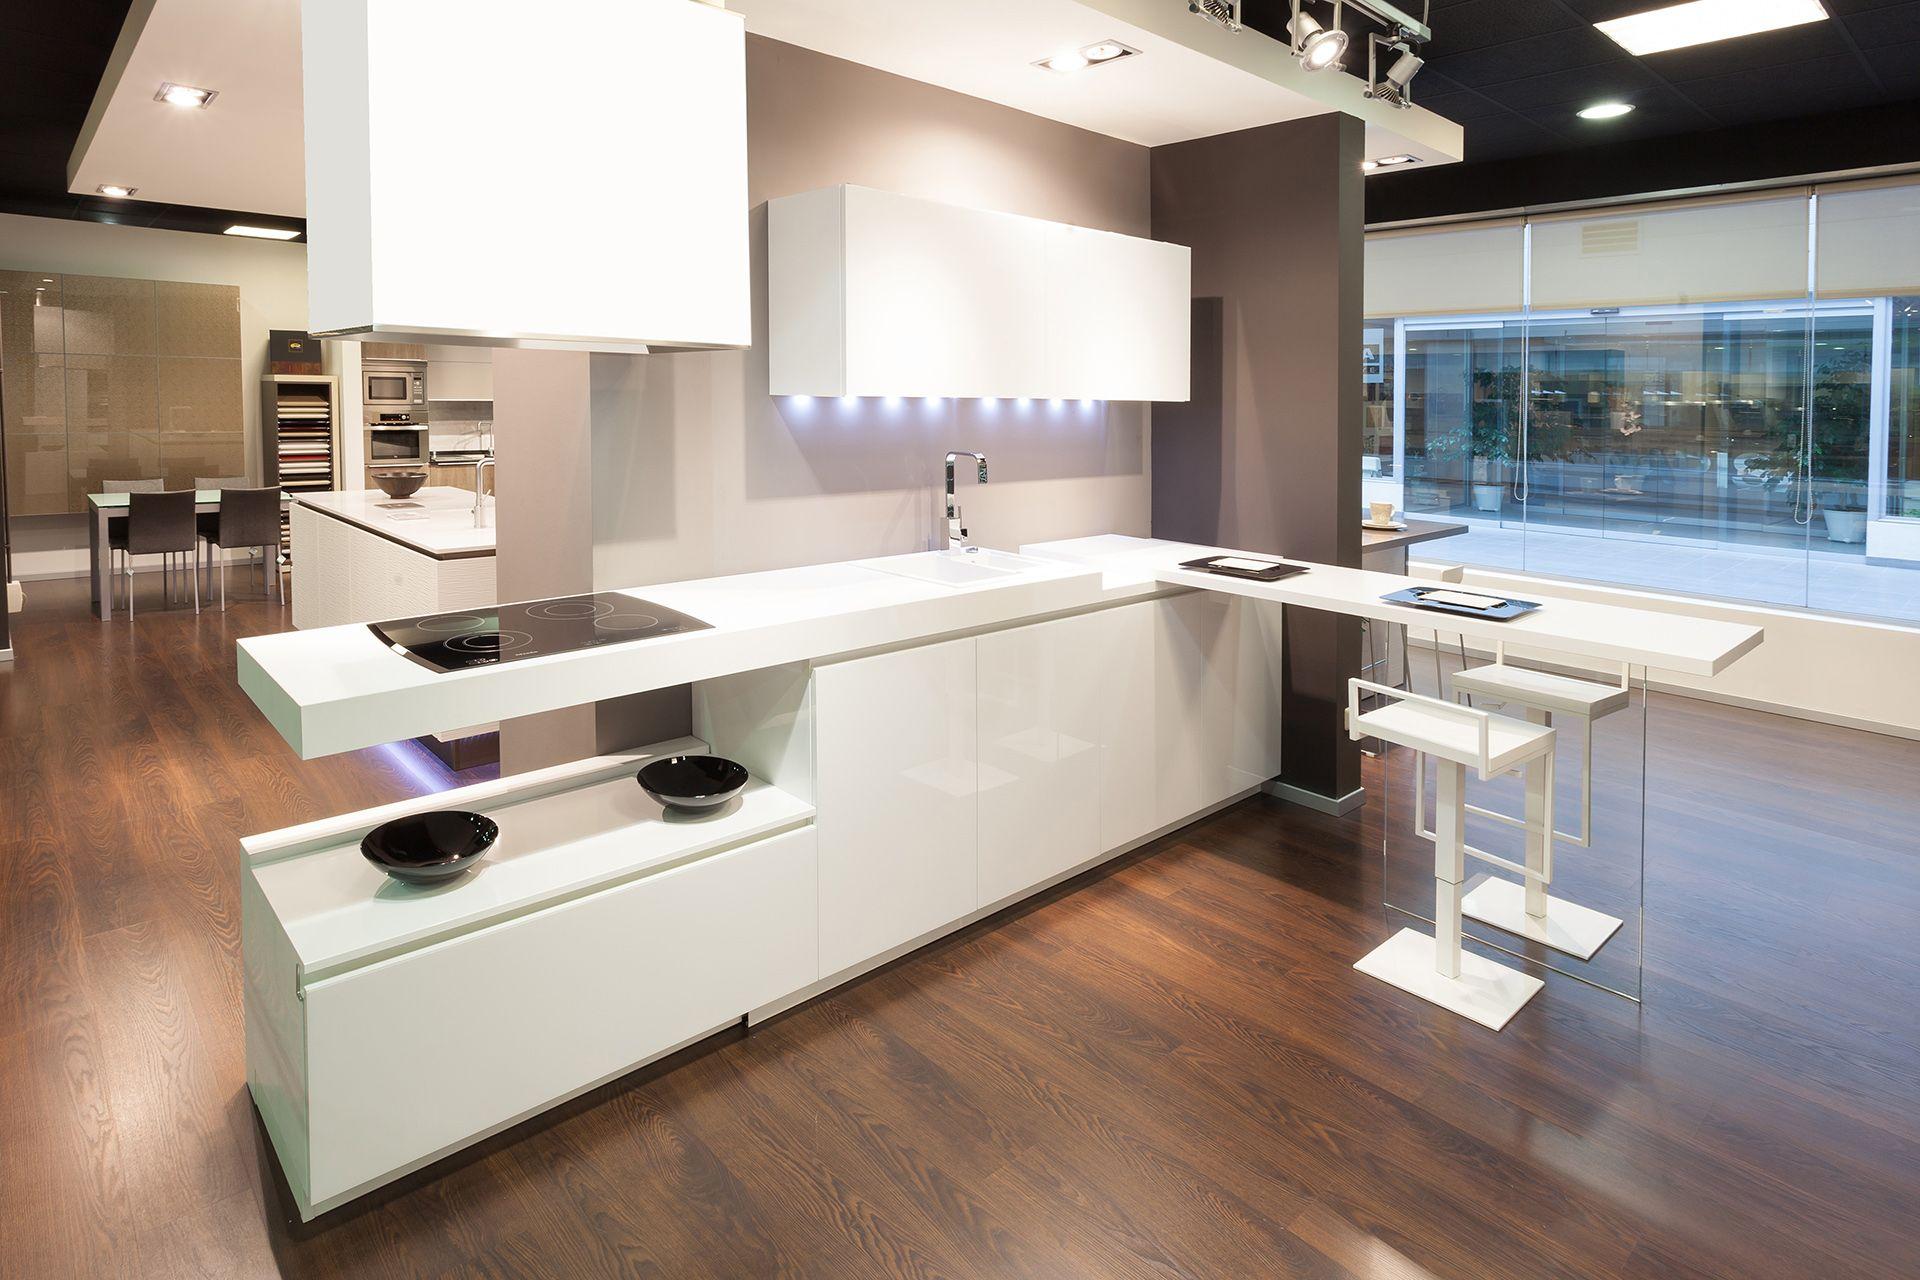 Cocinas de cristal cocinas originales pinterest for Cocinas completas modernas